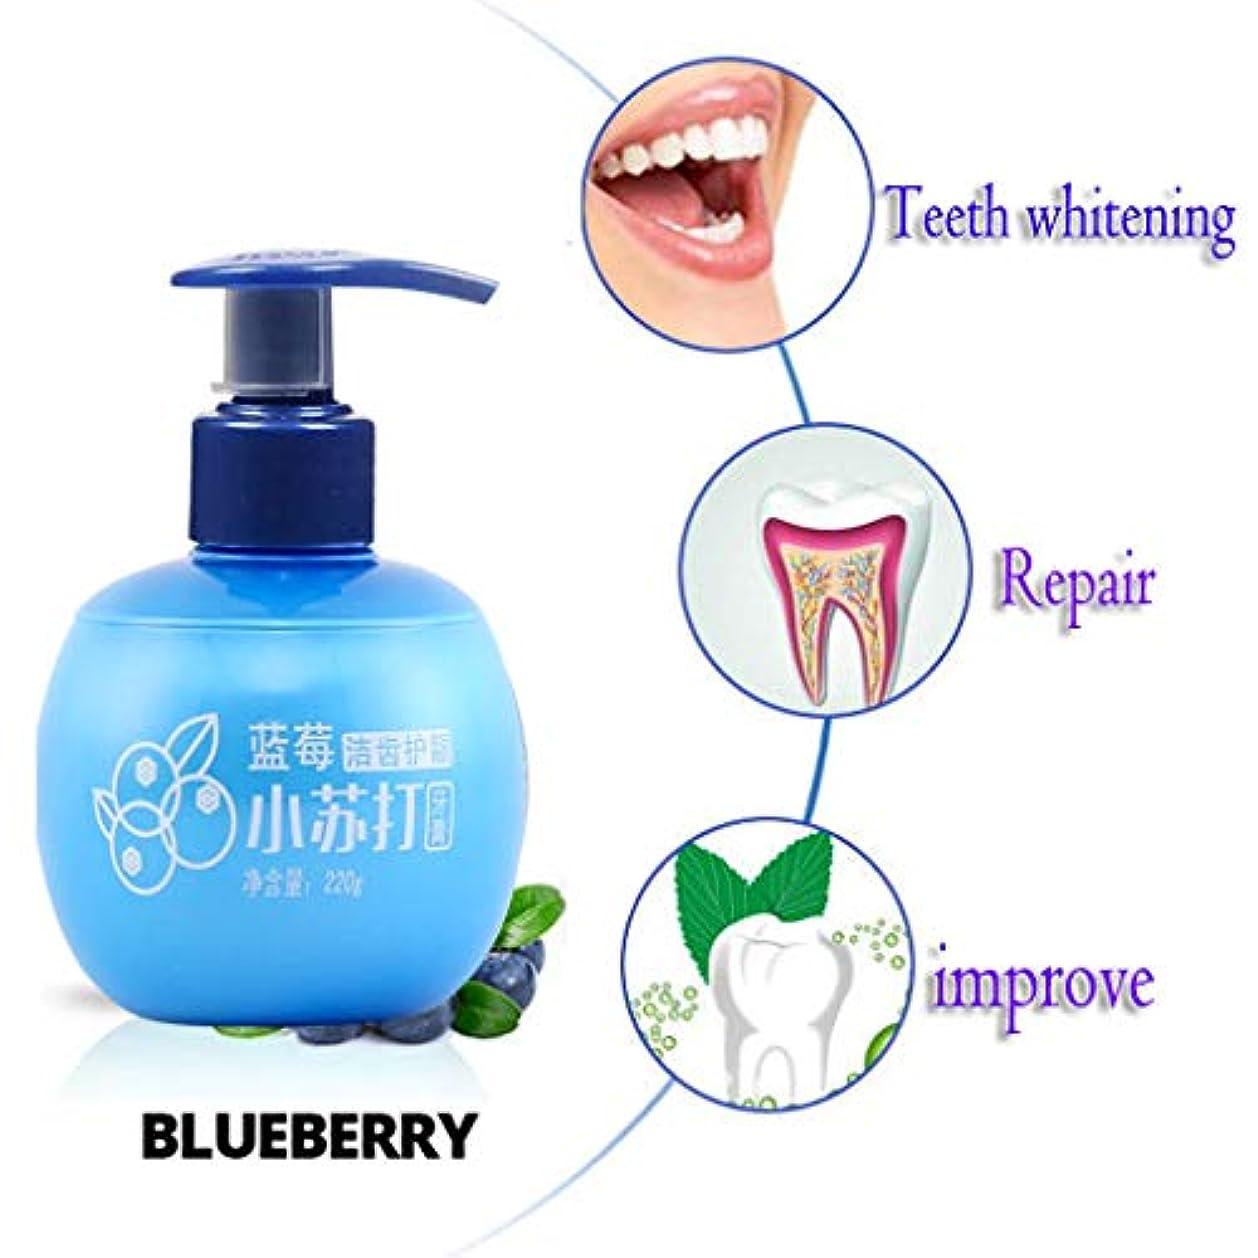 拮抗割り当てアリ歯磨き粉を白くする強い除染 歯茎出血性歯磨き粉に対して[味 パッションフルーツ ブルーベリー ]新鮮な息 虫歯を防ぐ 歯と歯茎を強化する プッシュポンプヘッド (ブルー)